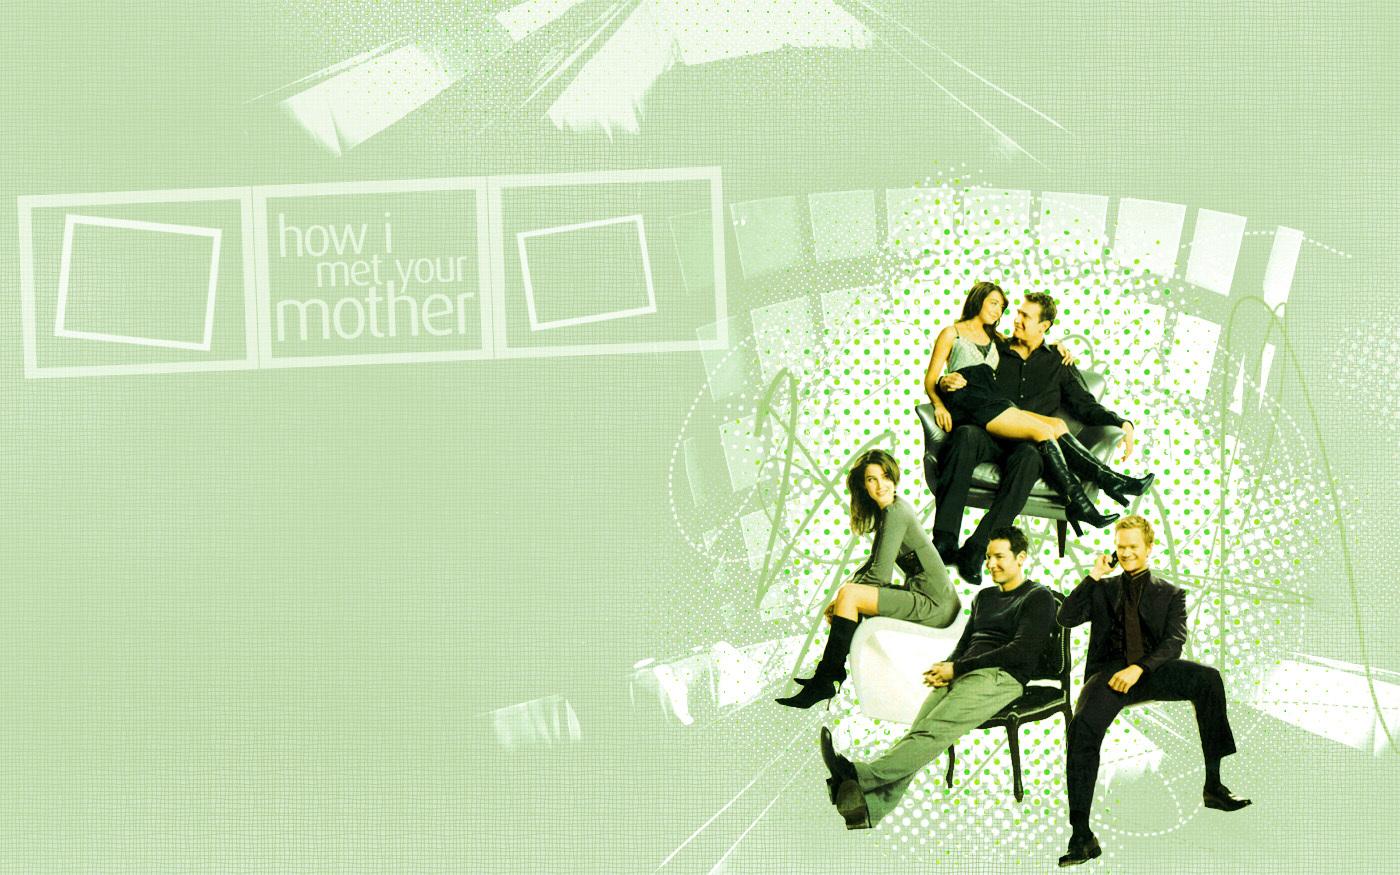 How I Met Your Mother HIMYM Wallpaper 1400x875